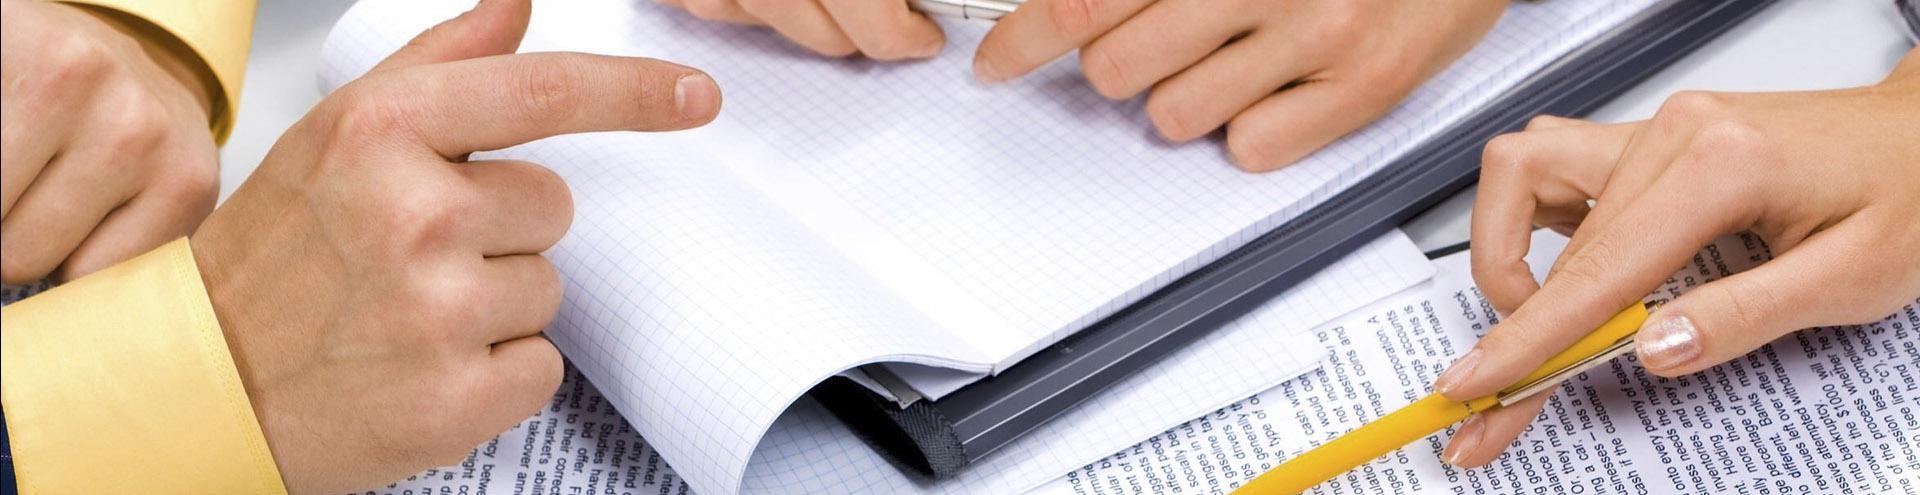 административное дело - рассмотрение административного дела в Уфе